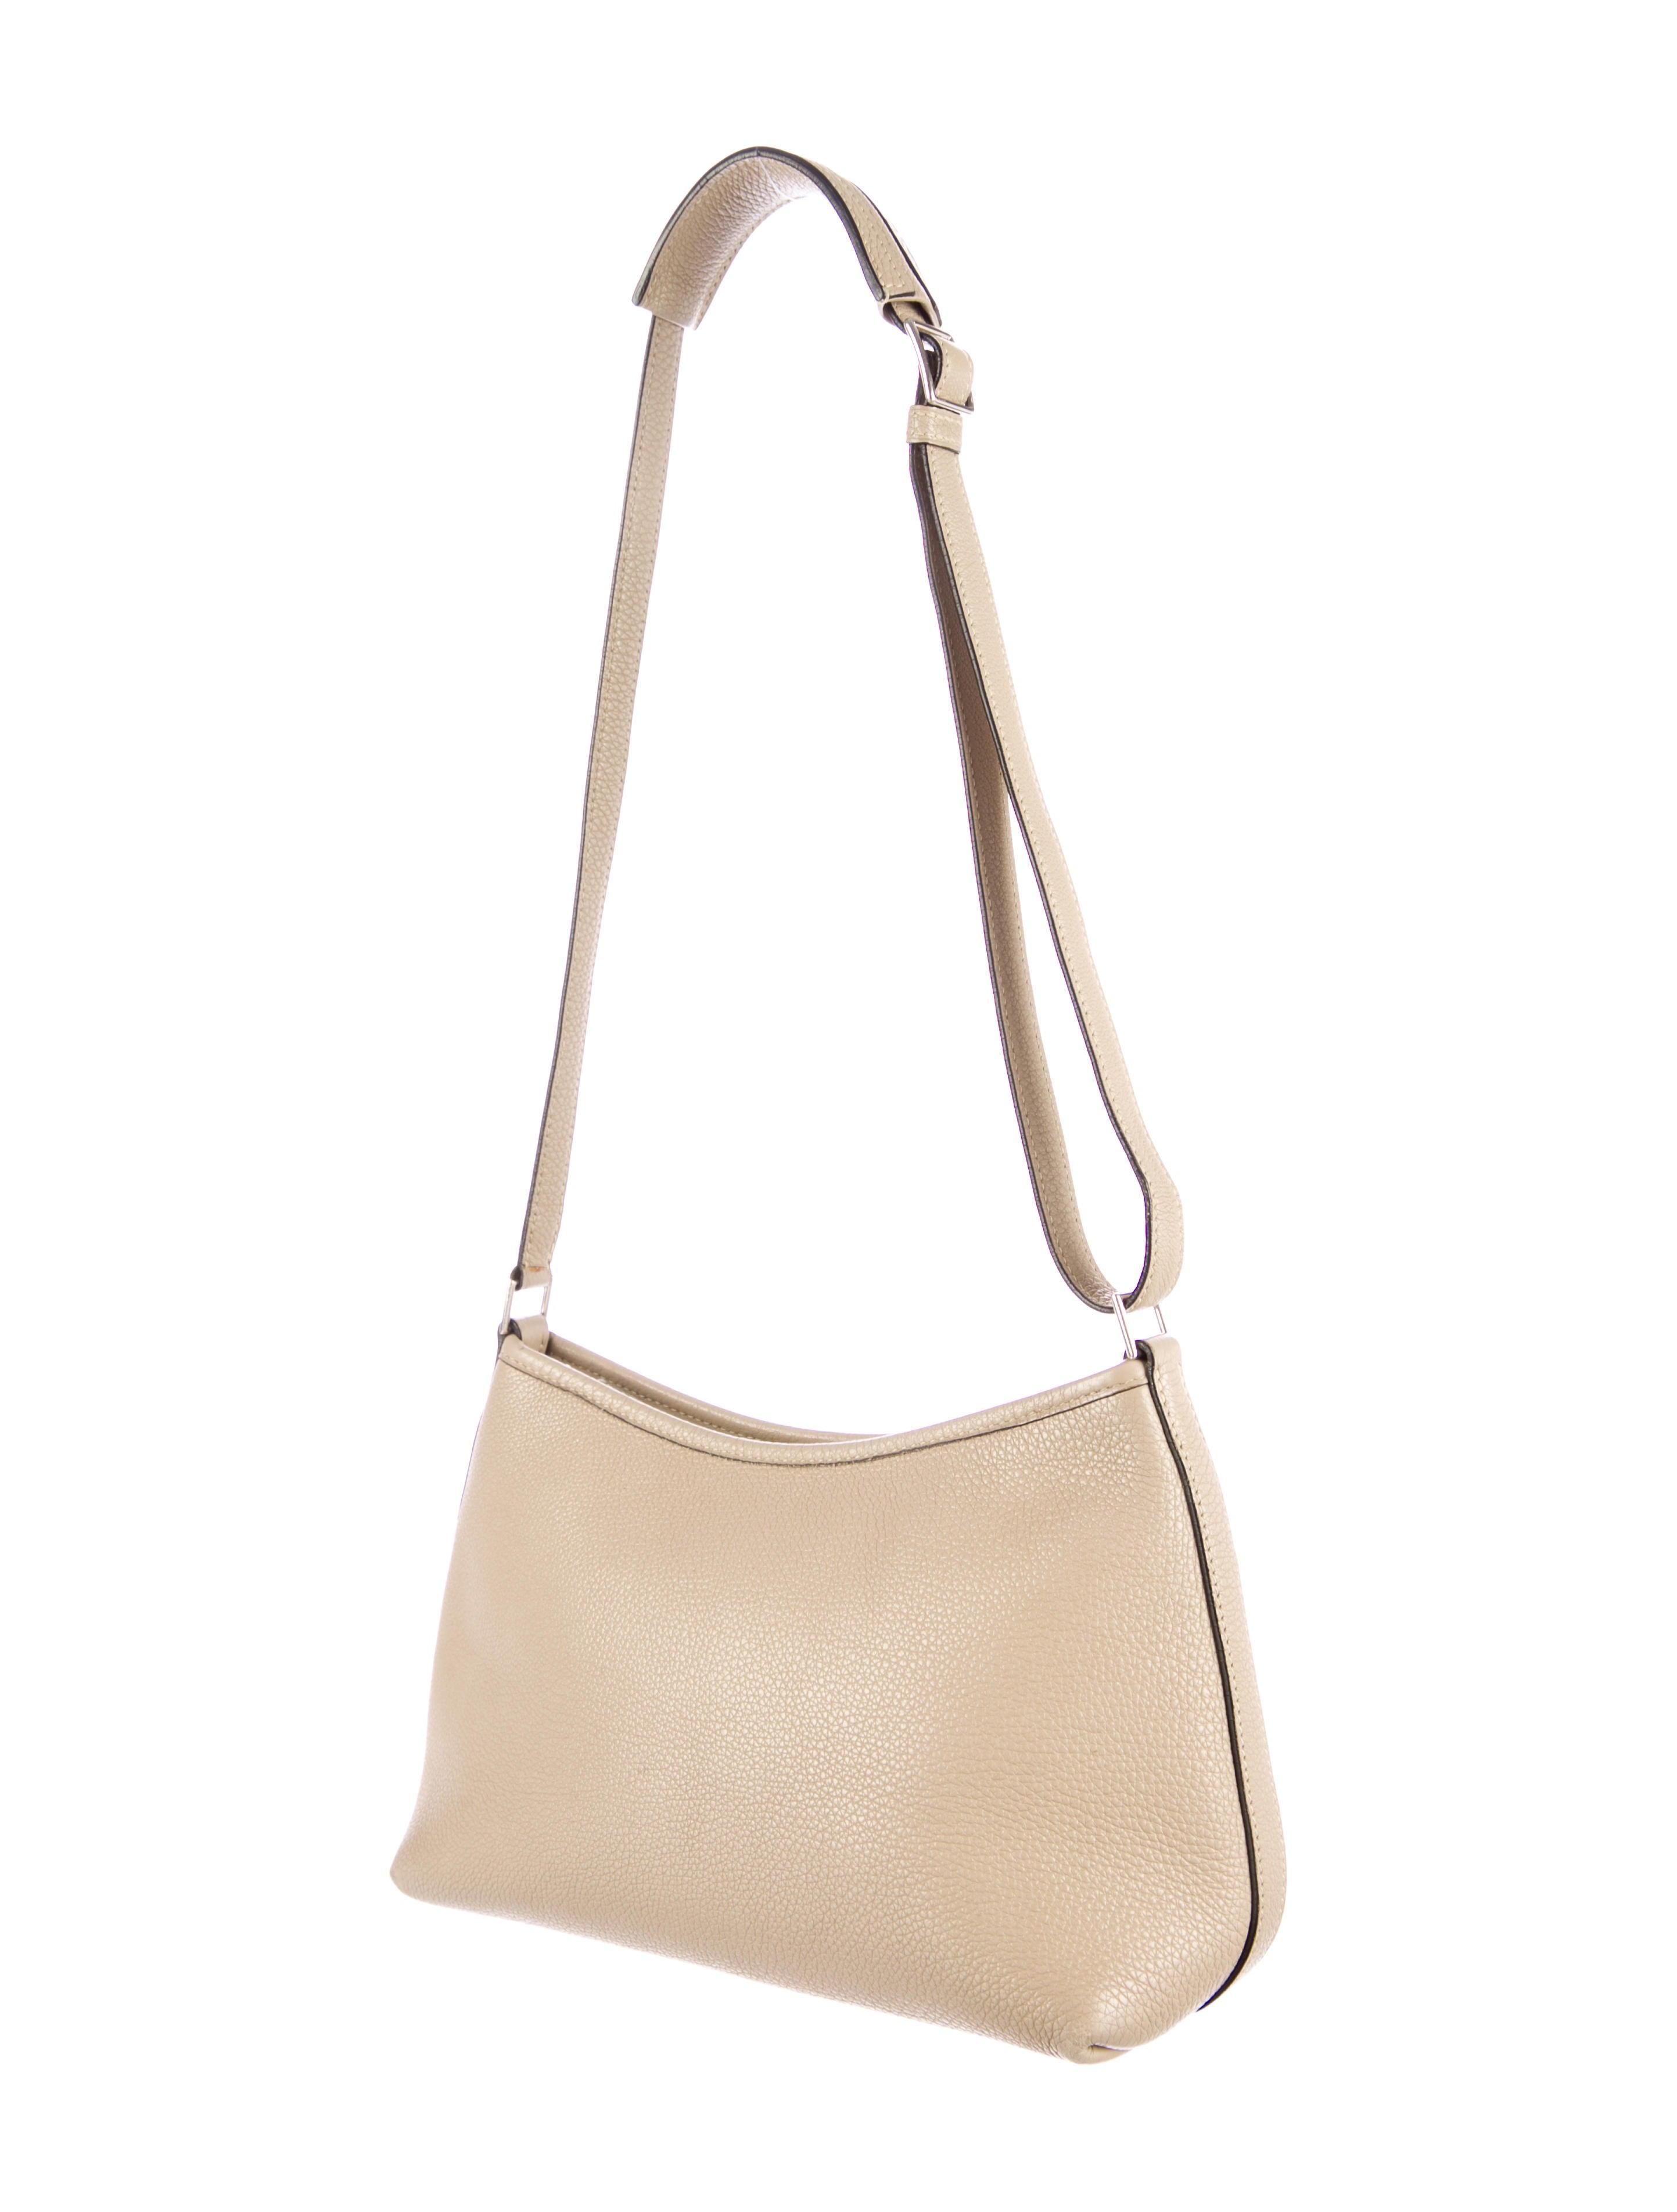 Herm��s Evergrain Berlingot Bag - Handbags - HER55403 | The RealReal